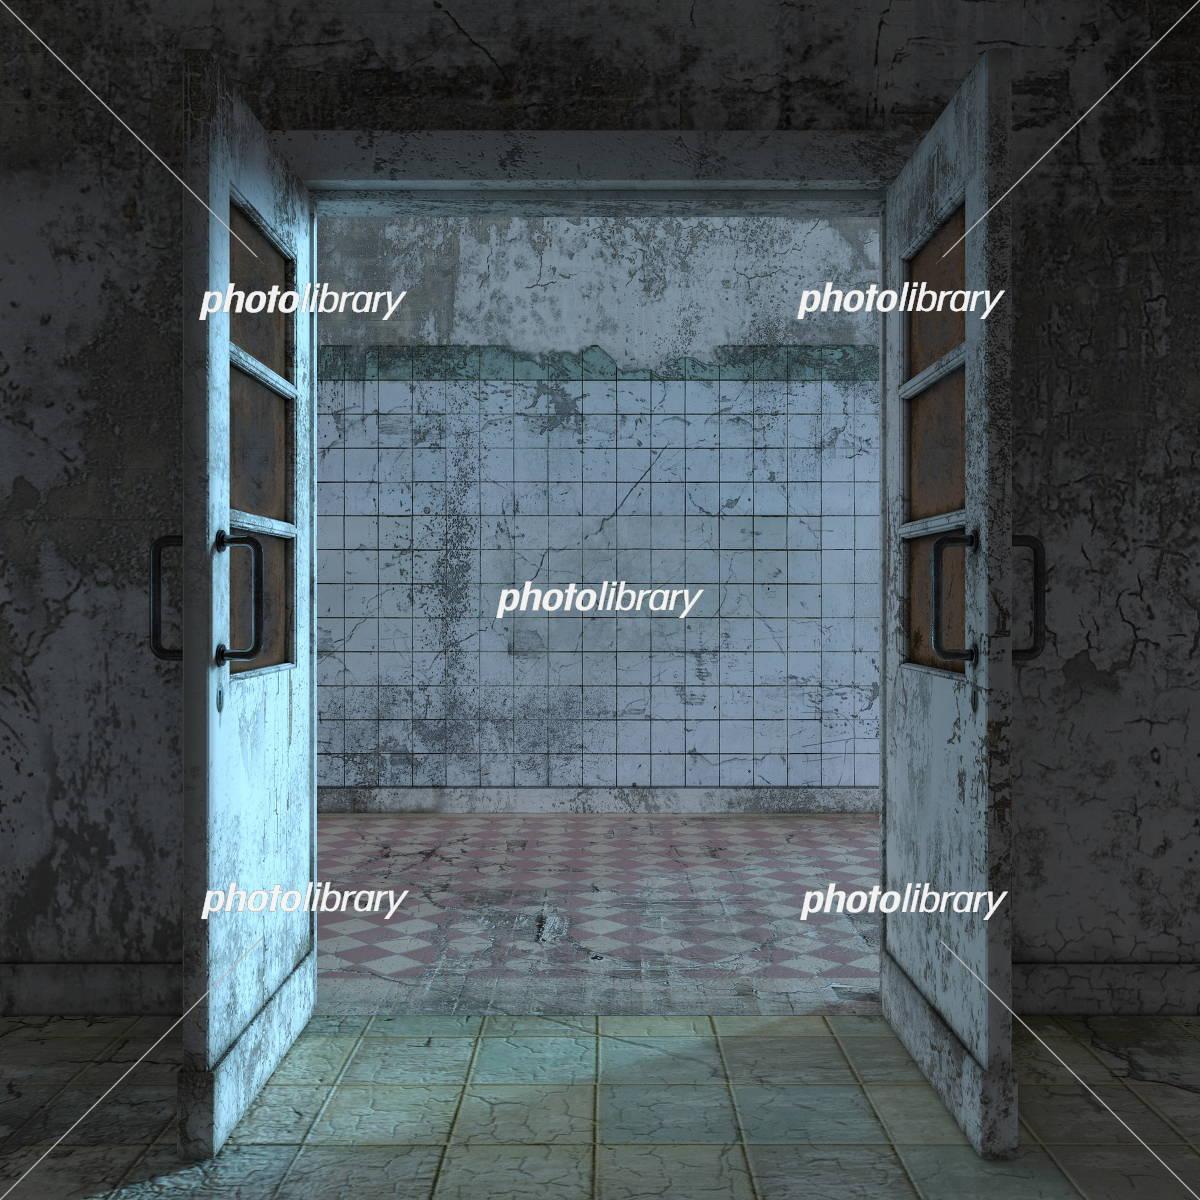 廃墟 イラスト素材 [ 5422896 ] - フォトライブラリー photolibrary